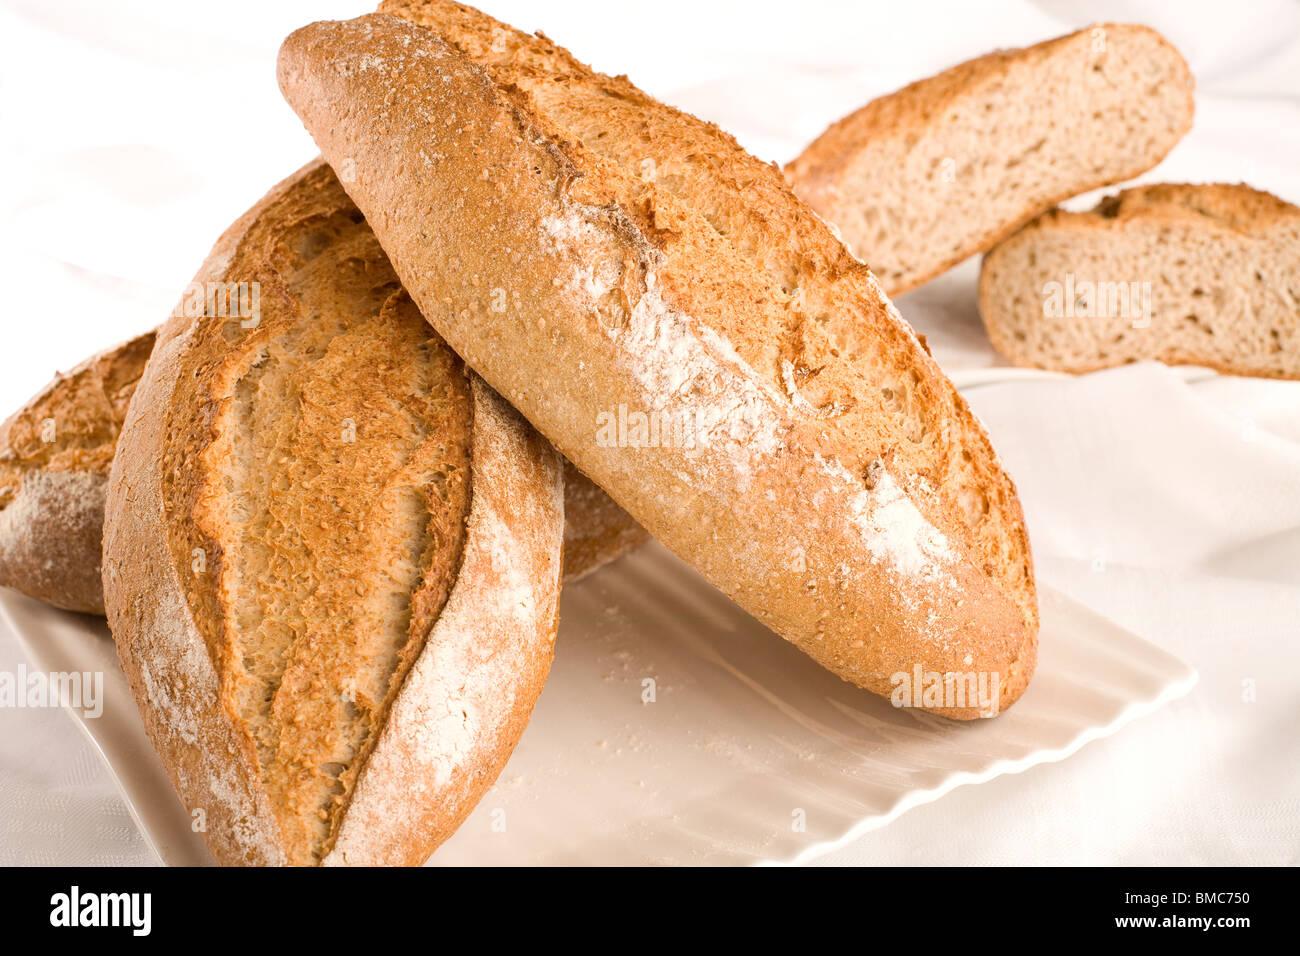 Breads Still Life - Stock Image